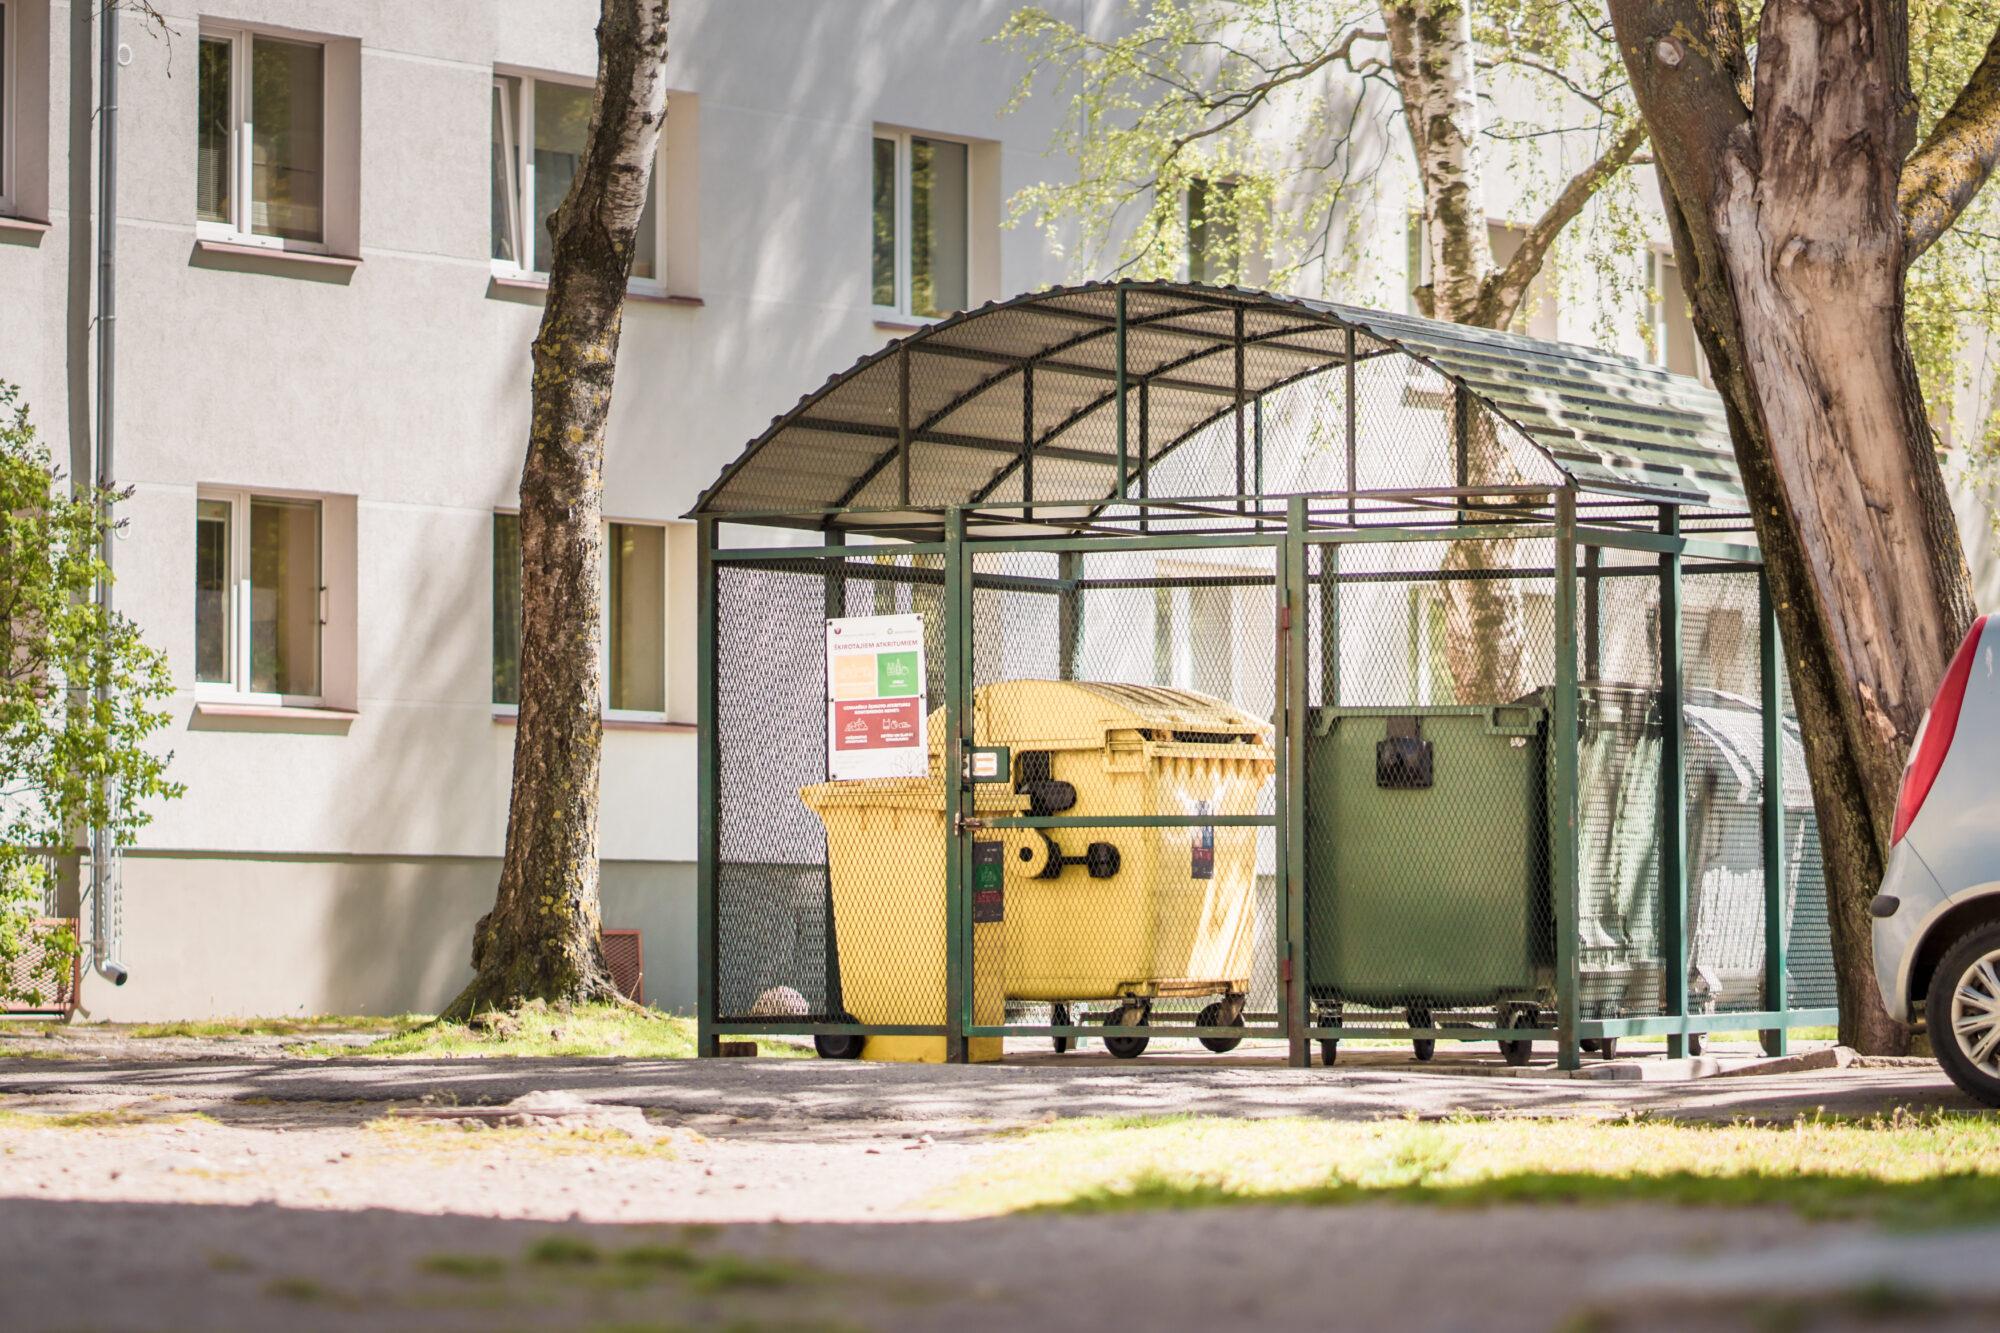 Var pieteikties pašvaldības līdzfinansējumam atkritumu sētiņu izveidei